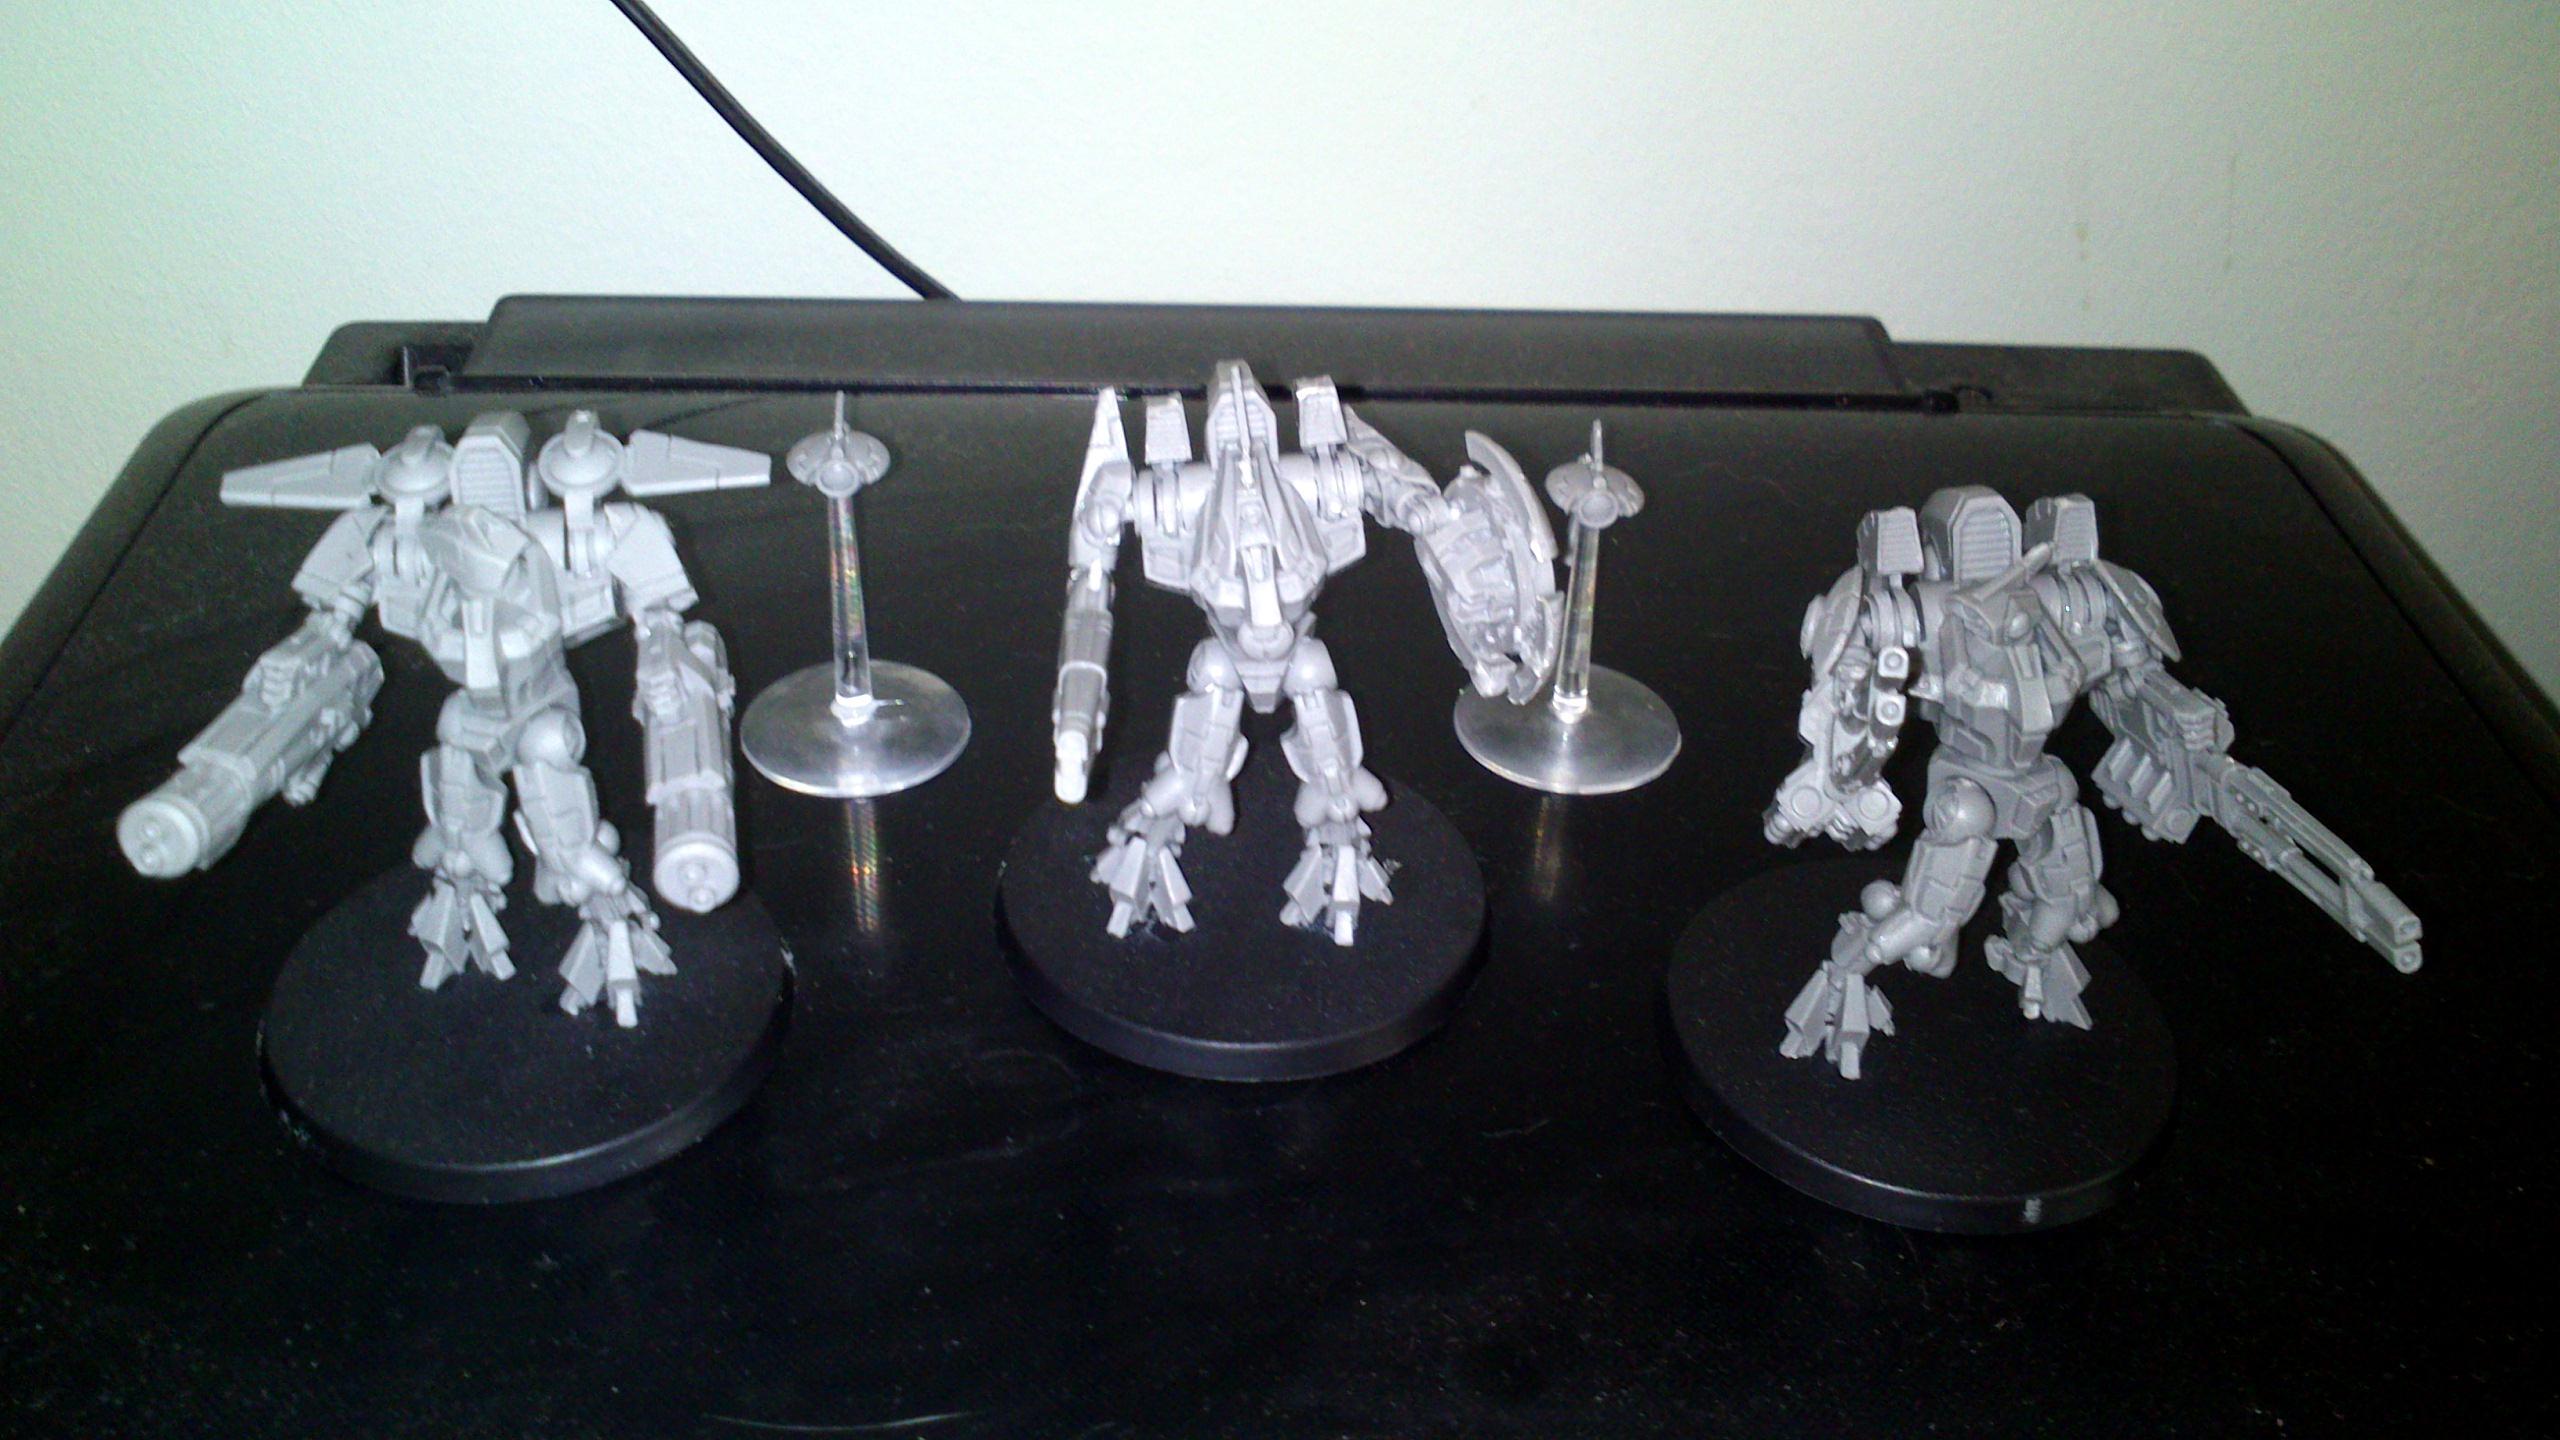 Battlesuit, Tau, Xv9